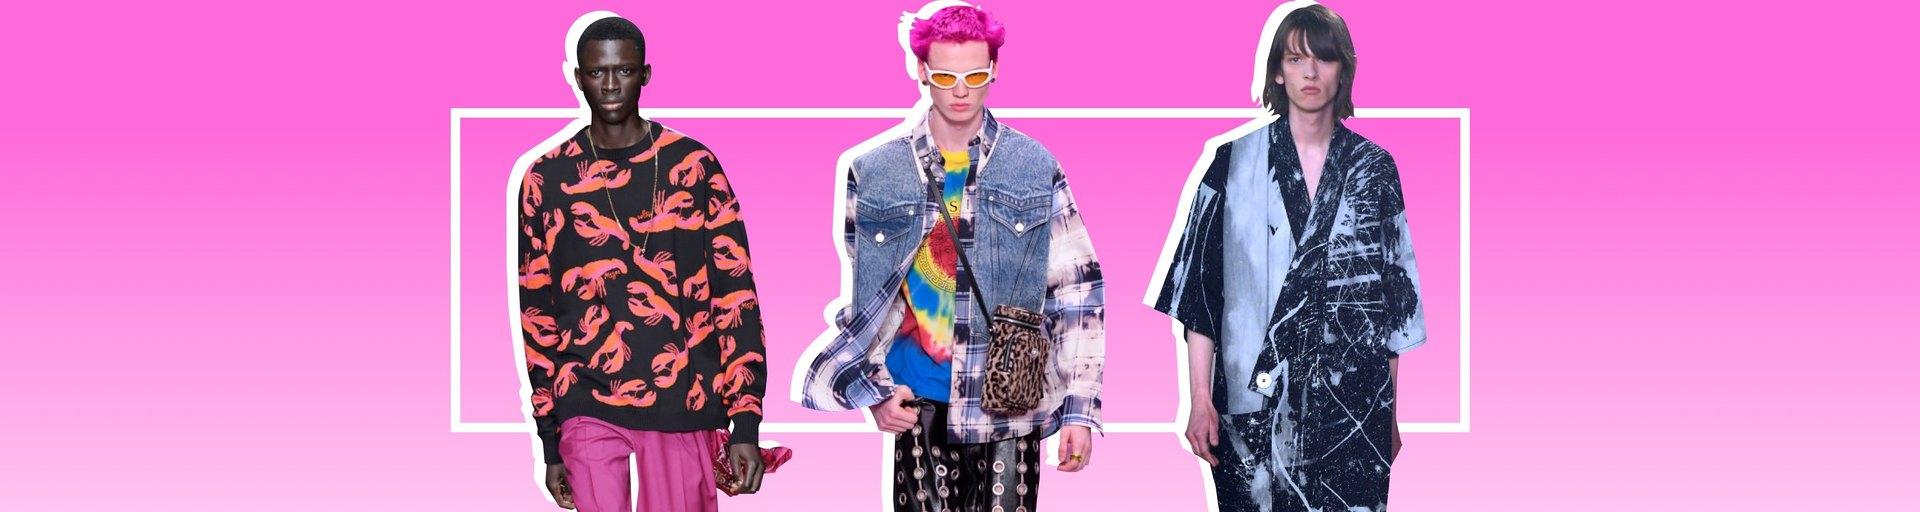 Новая маскулинность, экология иискусство: 7 самых интересных показов нанеделе мужской моды вМилане